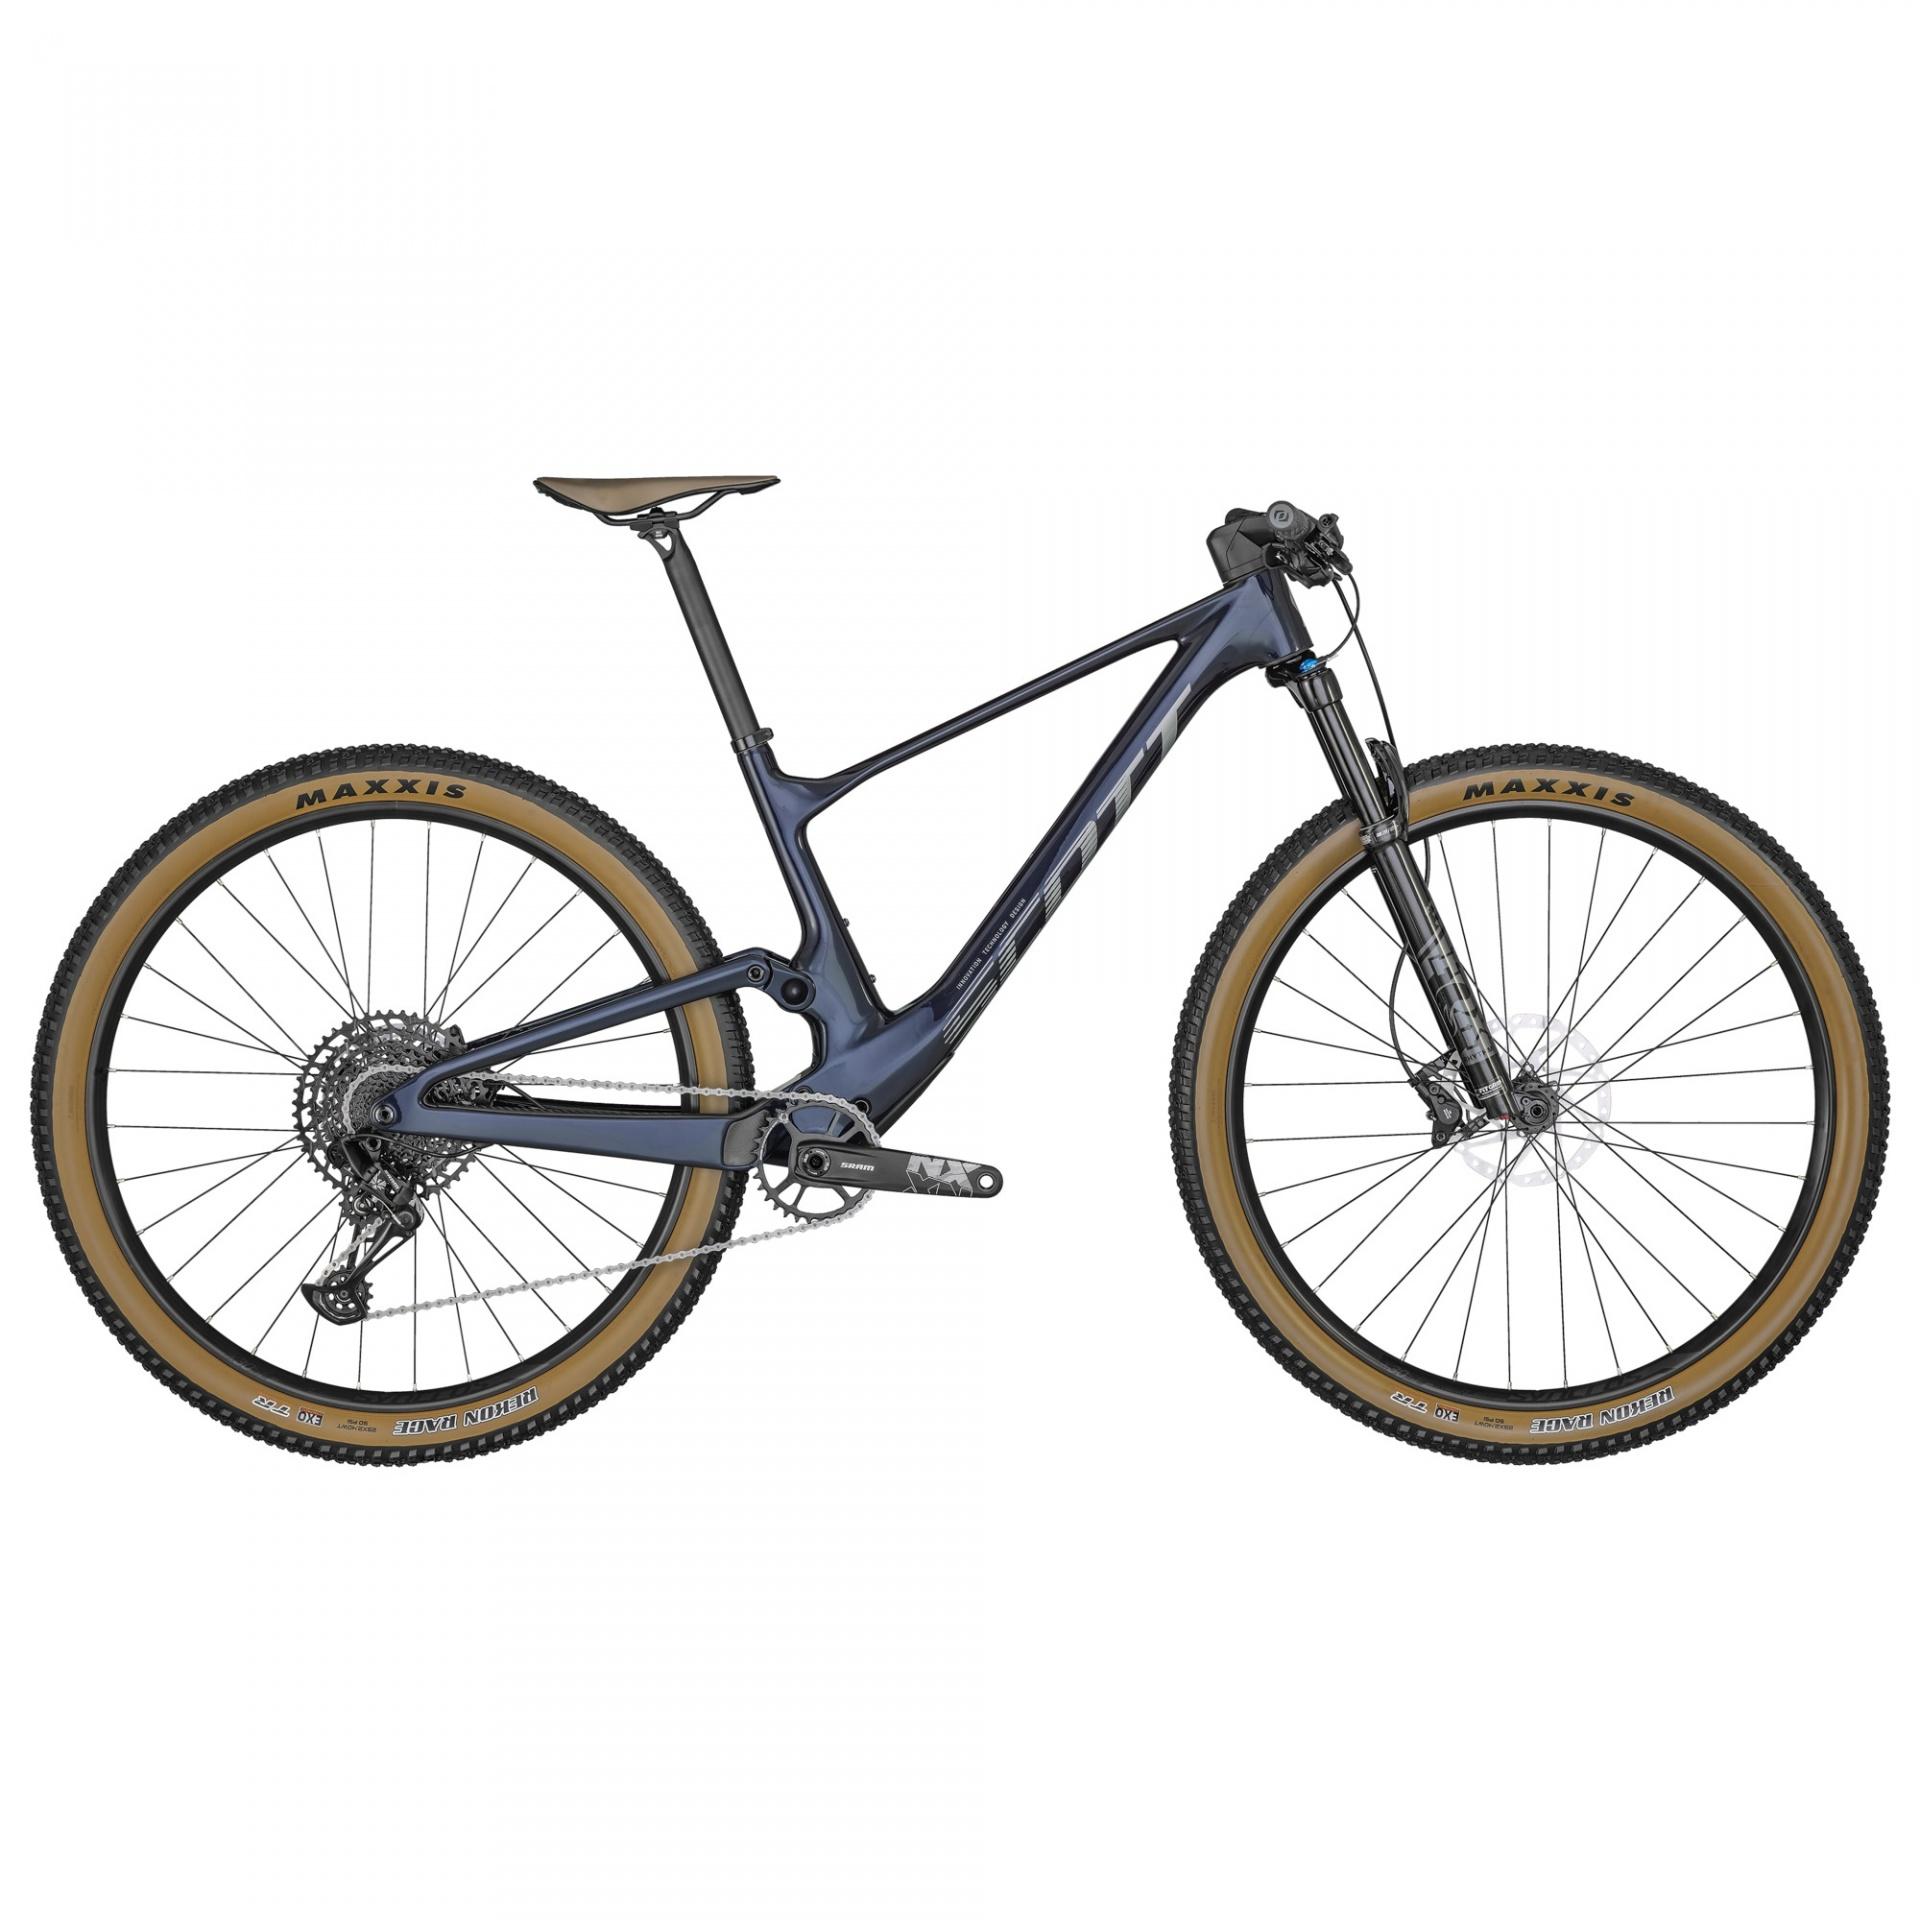 BICICLETA SCOTT SPARK RC 900 COMP - 2022 BLUE